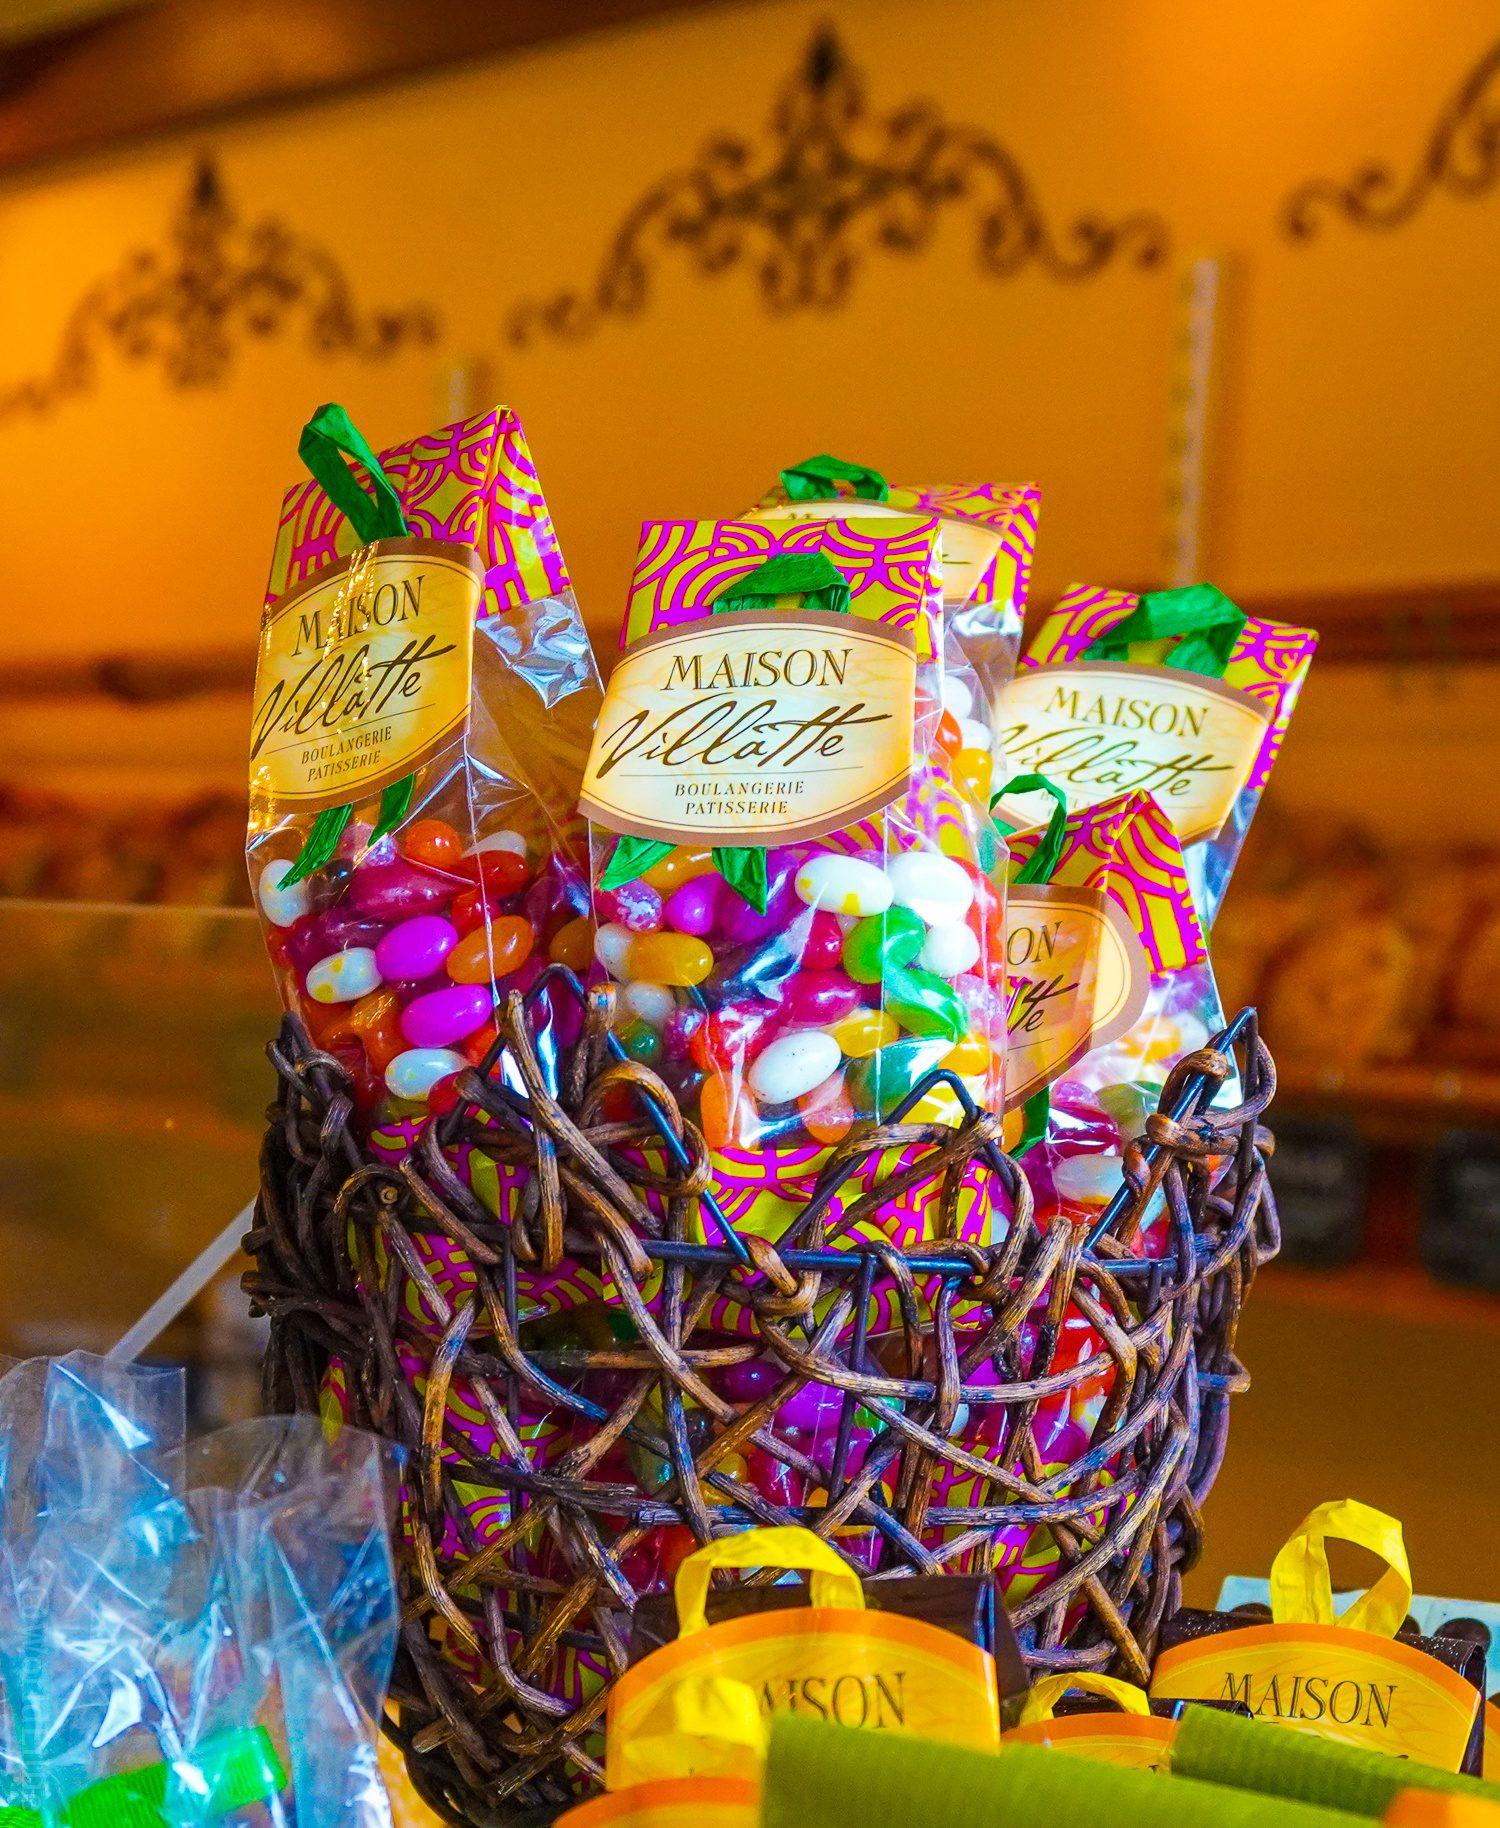 A jolly jelly bean basket at Maison Villatte.